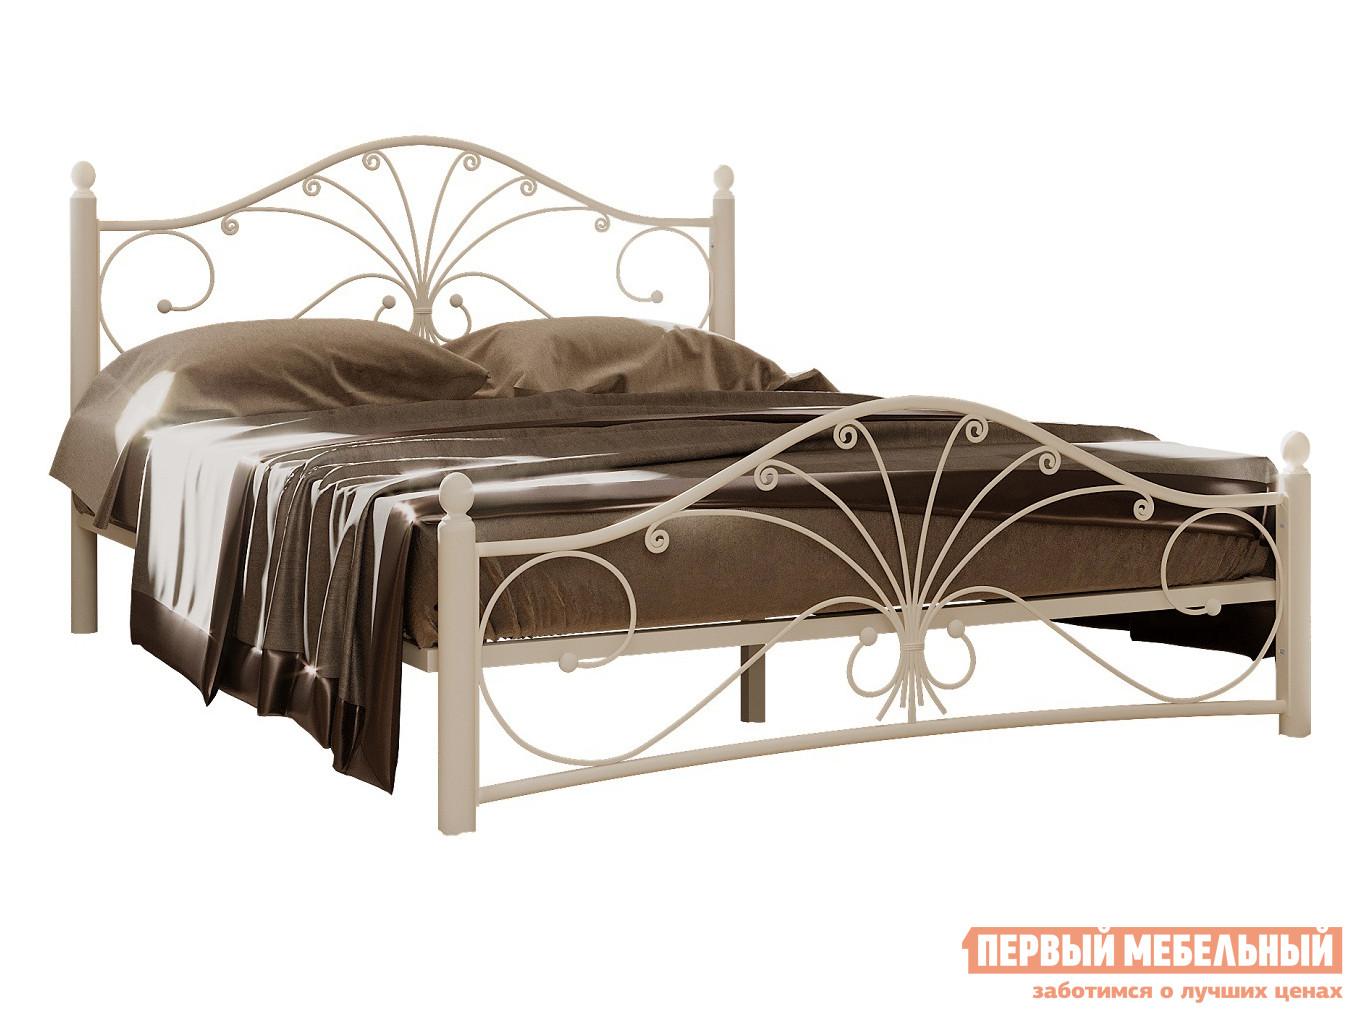 Двуспальная кровать  Кровать Сандра Кремово-белый металл, 1600 Х 2000 мм — Кровать Сандра Кремово-белый металл, 1600 Х 2000 мм